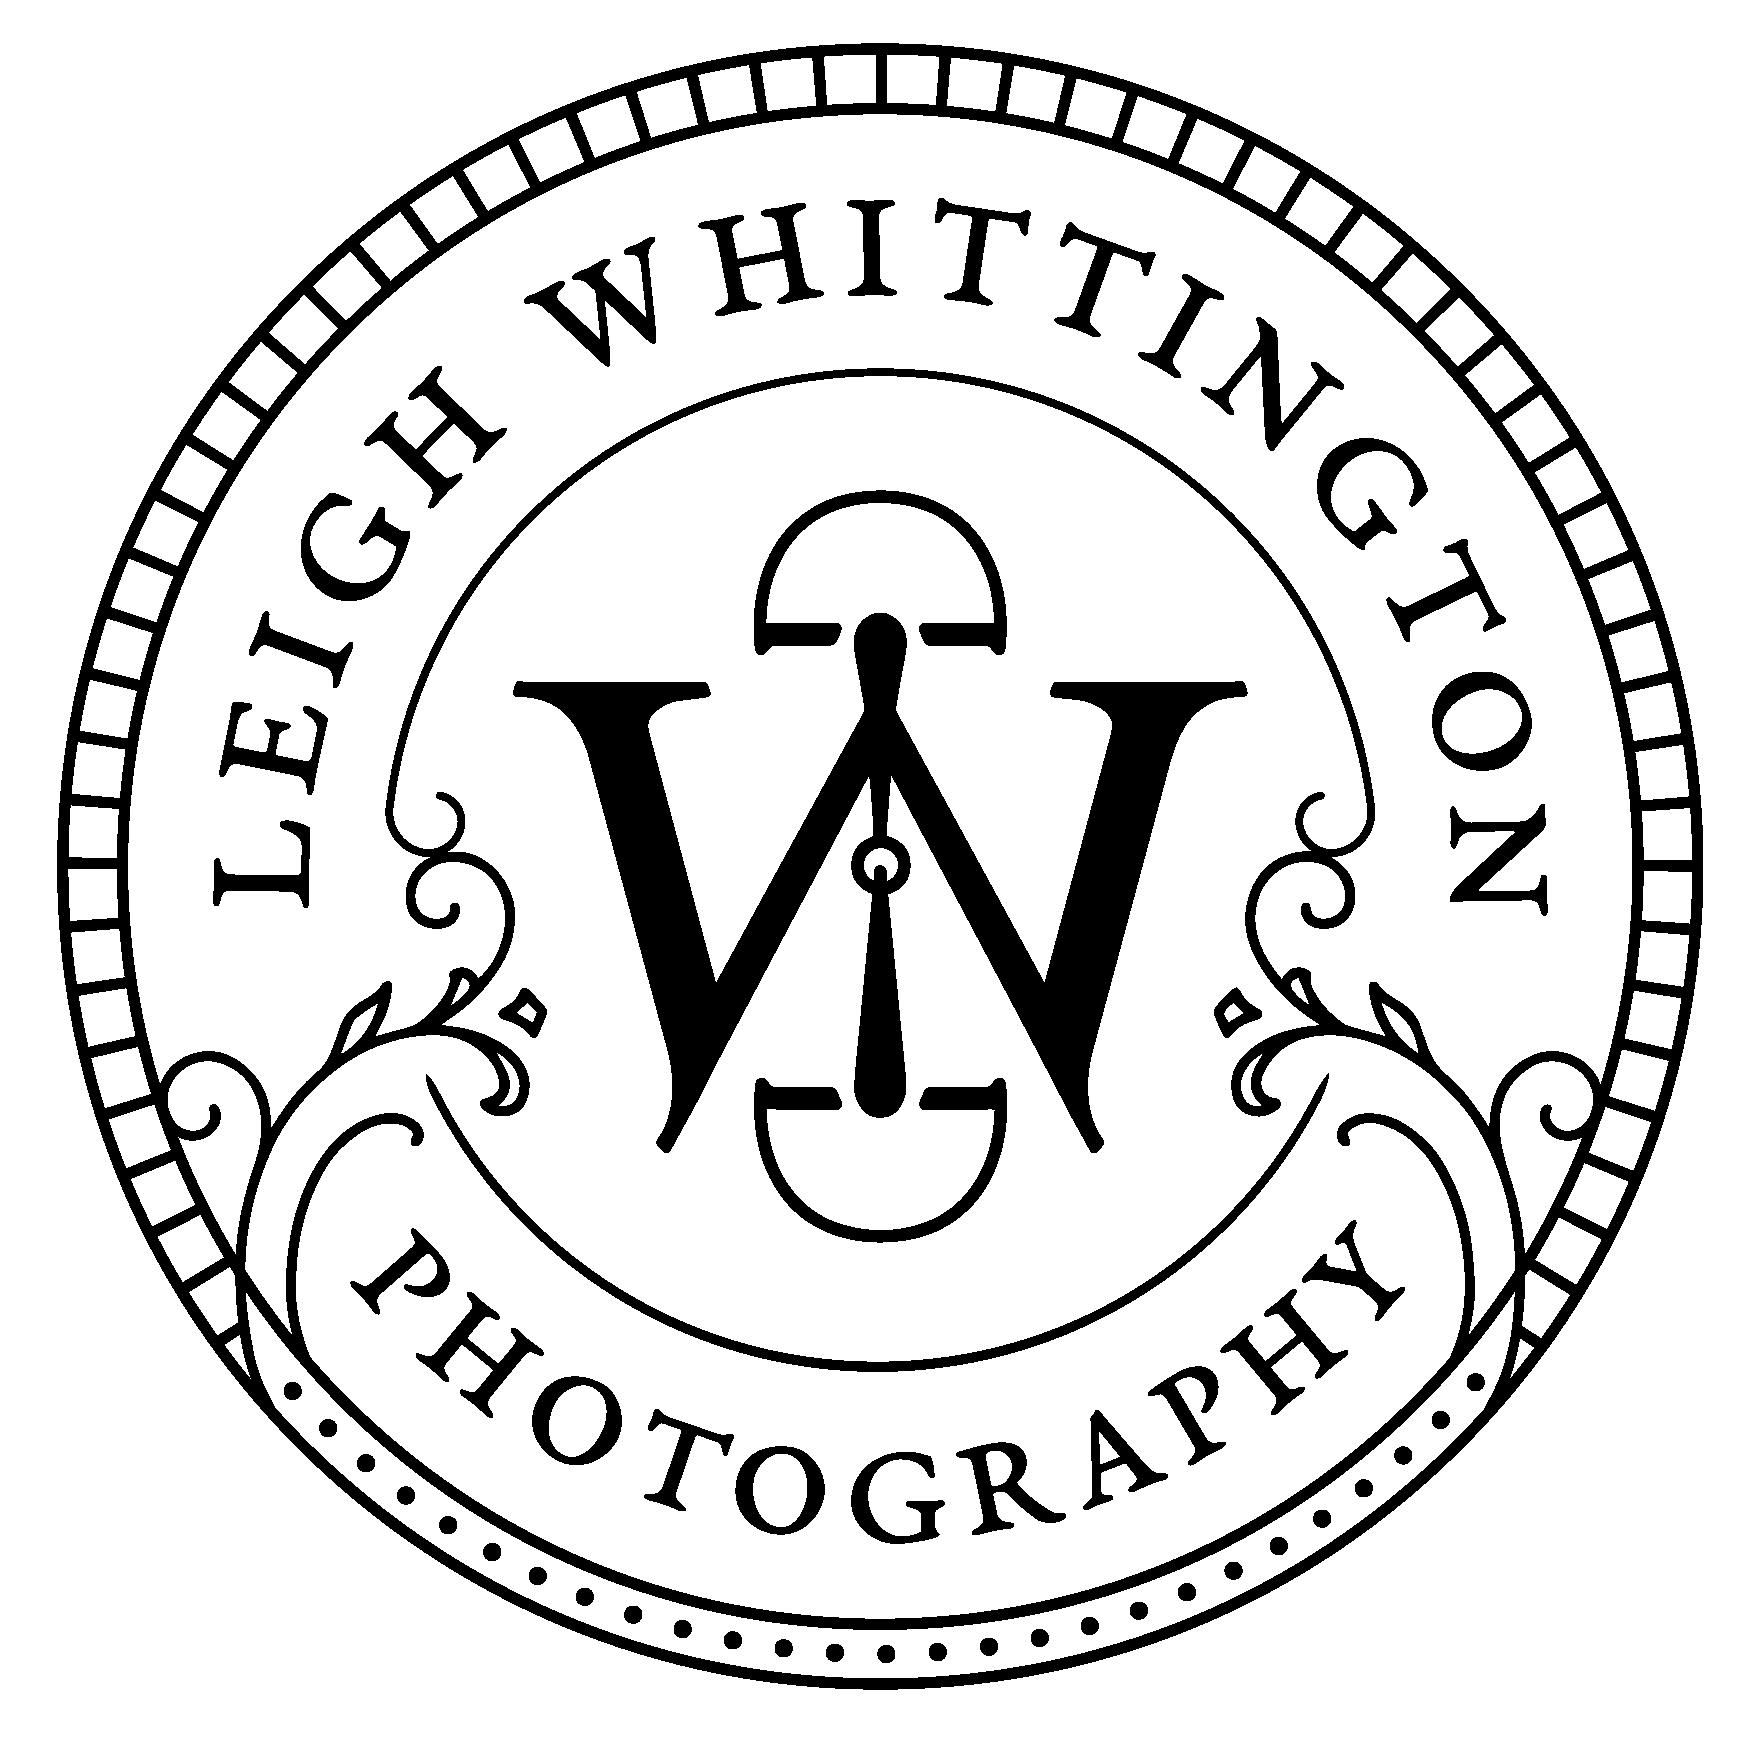 Leigh Whittington Photography